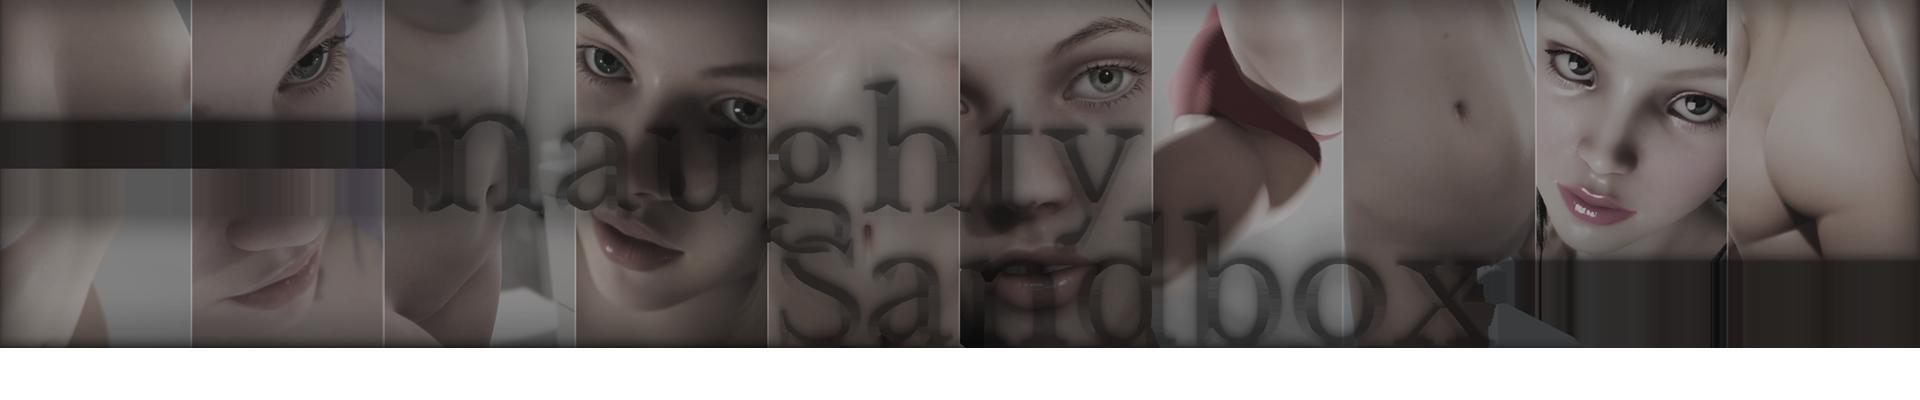 Naughty Sandbox Core